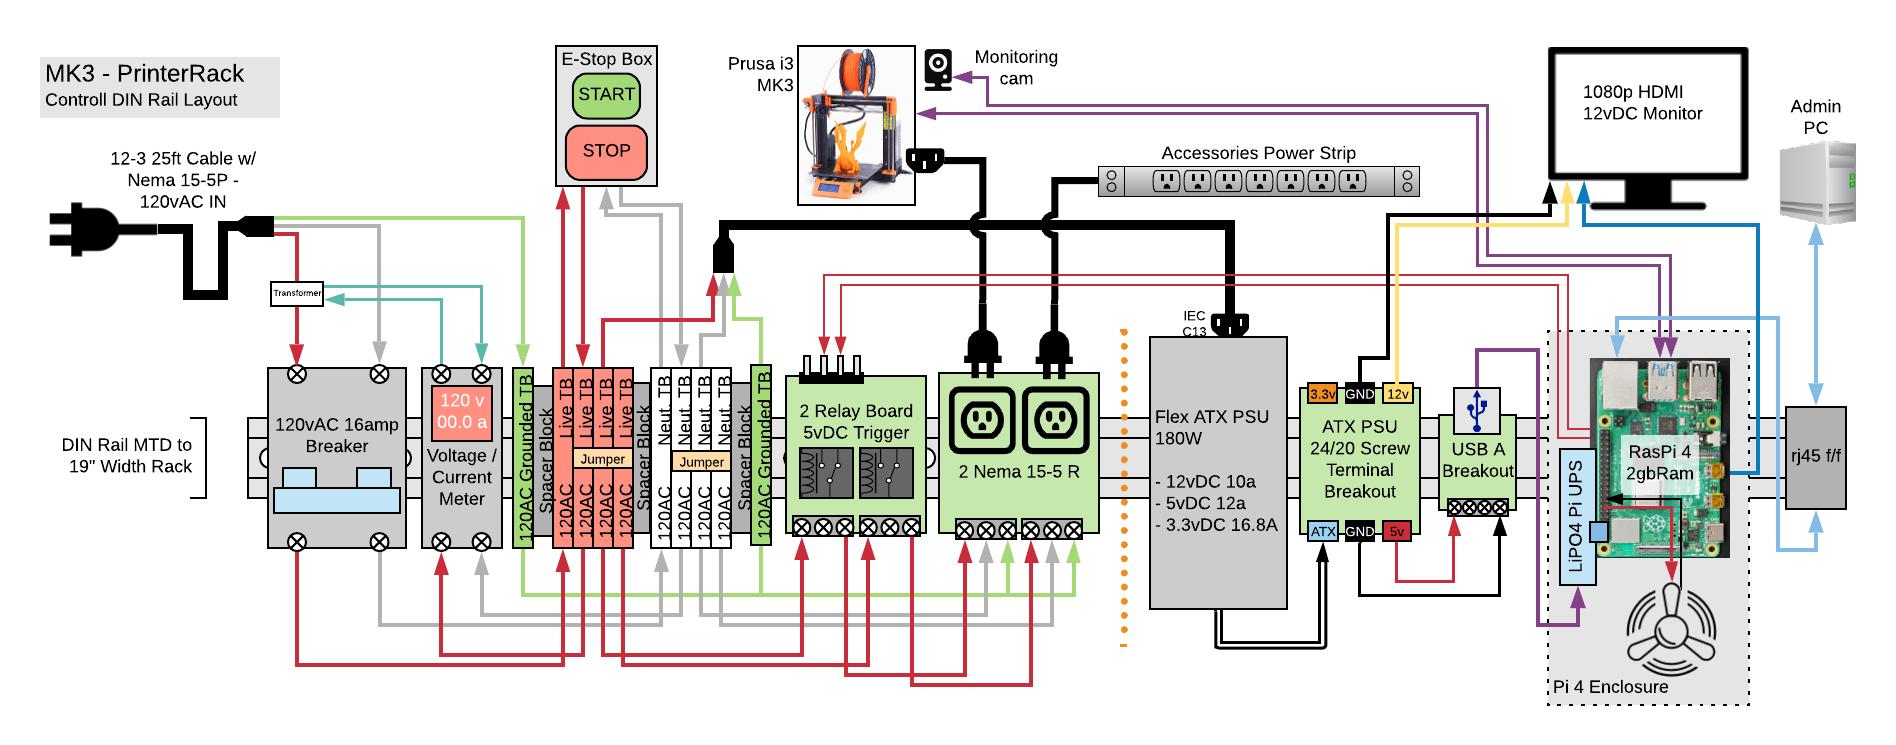 MK3-Rack_Control-DINLayout.png